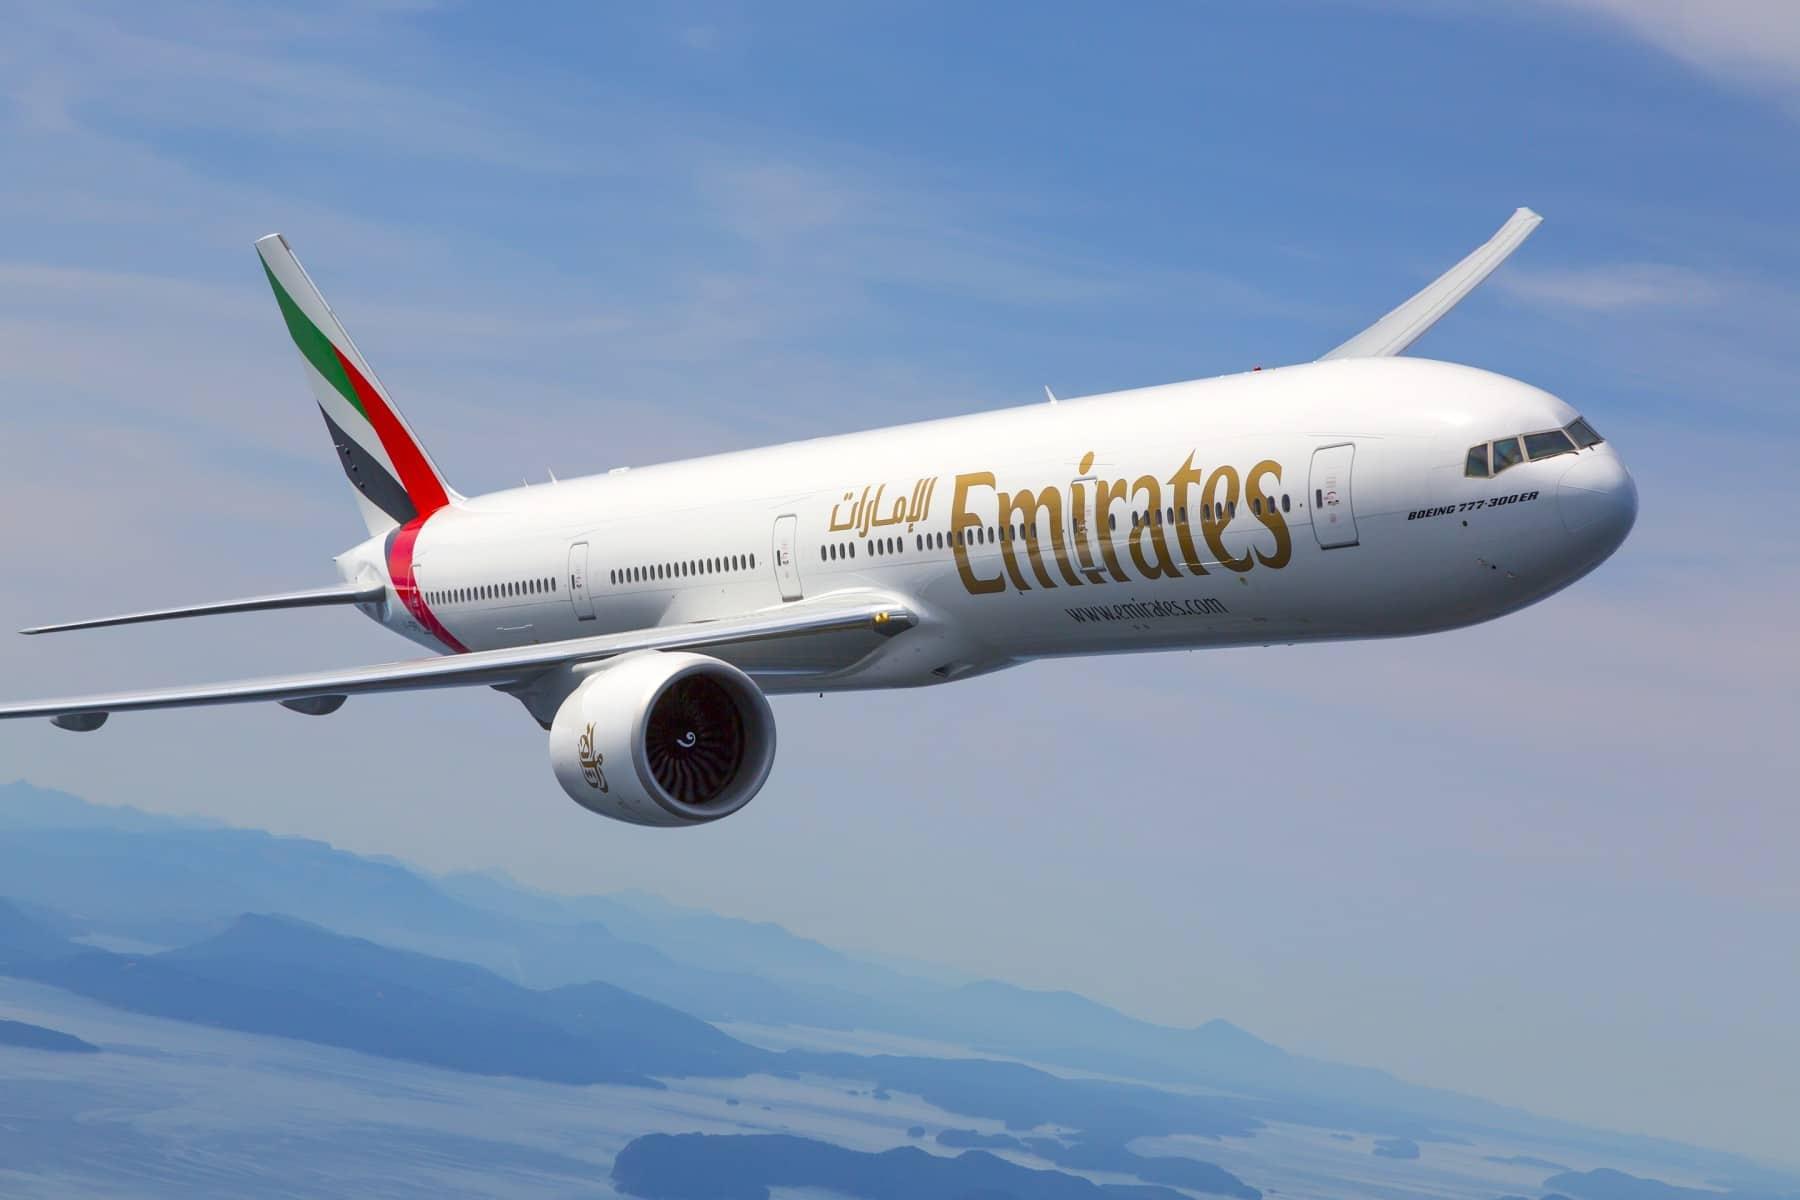 طيران الإمارات تجمد نشاط قائد طائرة من أصول تونسية لرفضه المشاركة في رحلة إلى تل أبيب